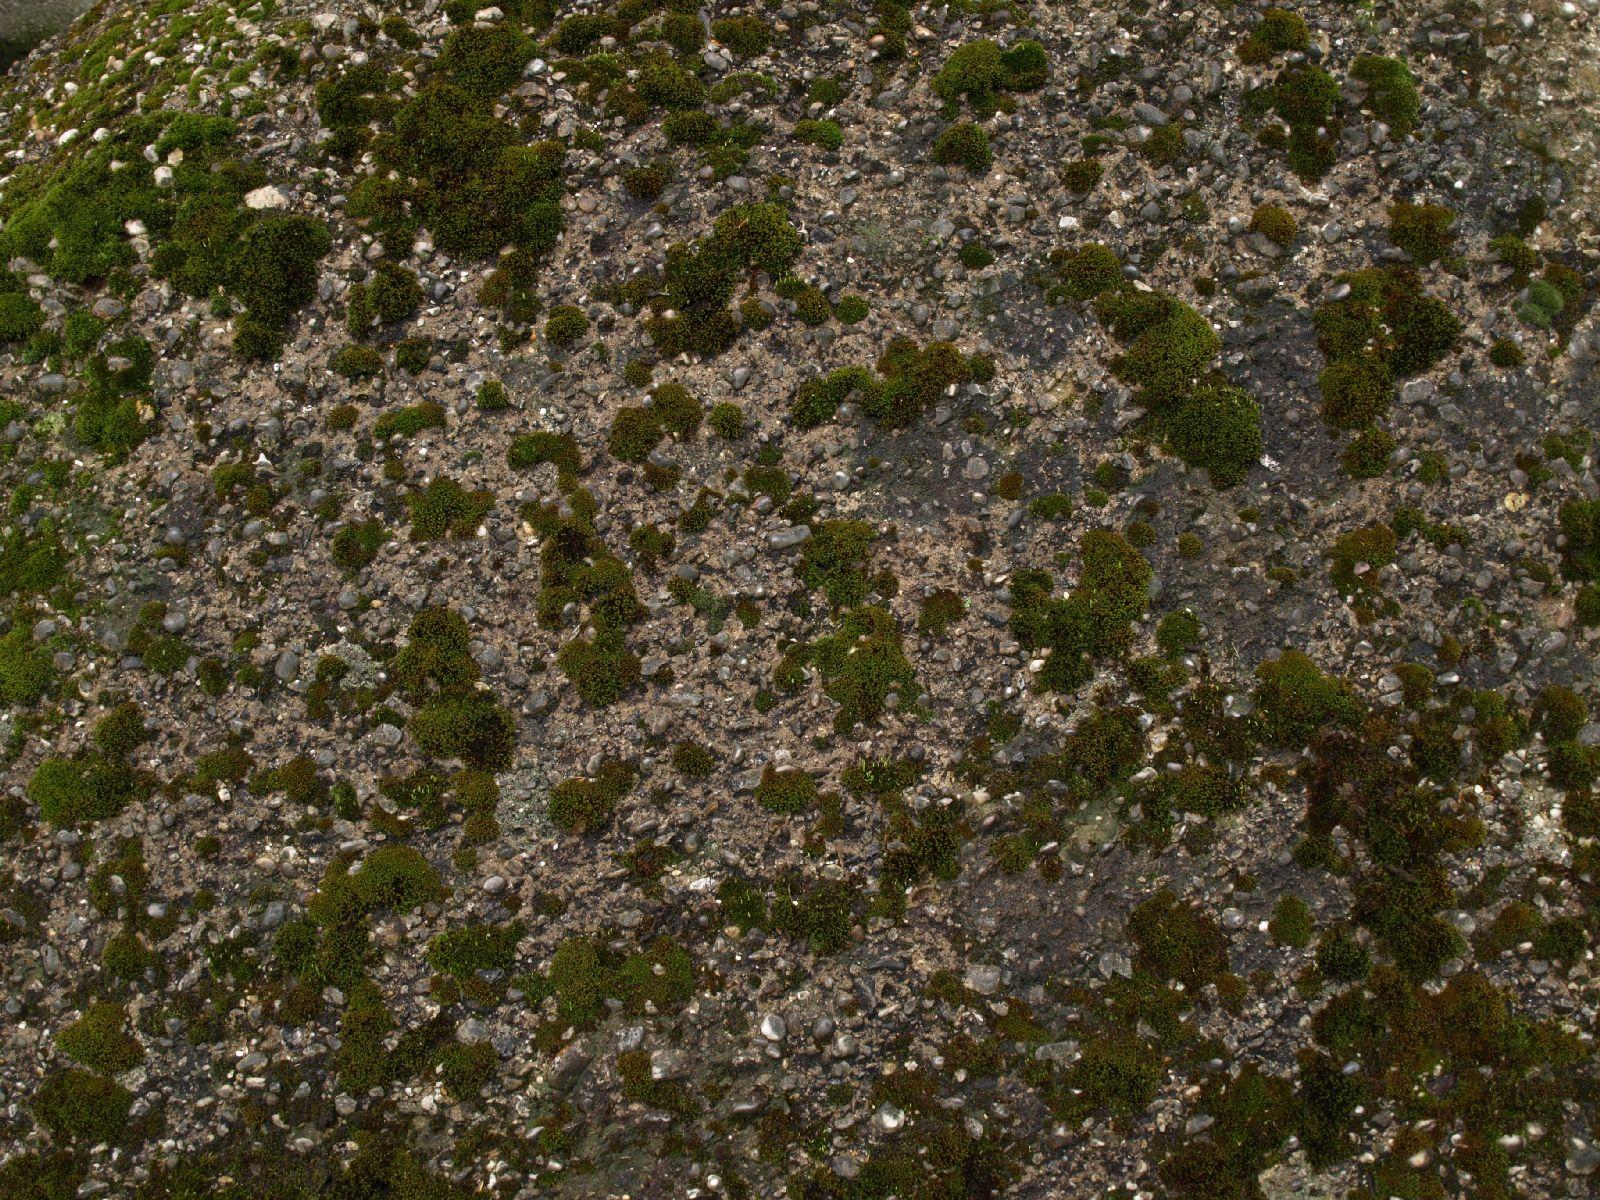 Boden-Gras-Moos-Blumen_Textur_A_P4131174